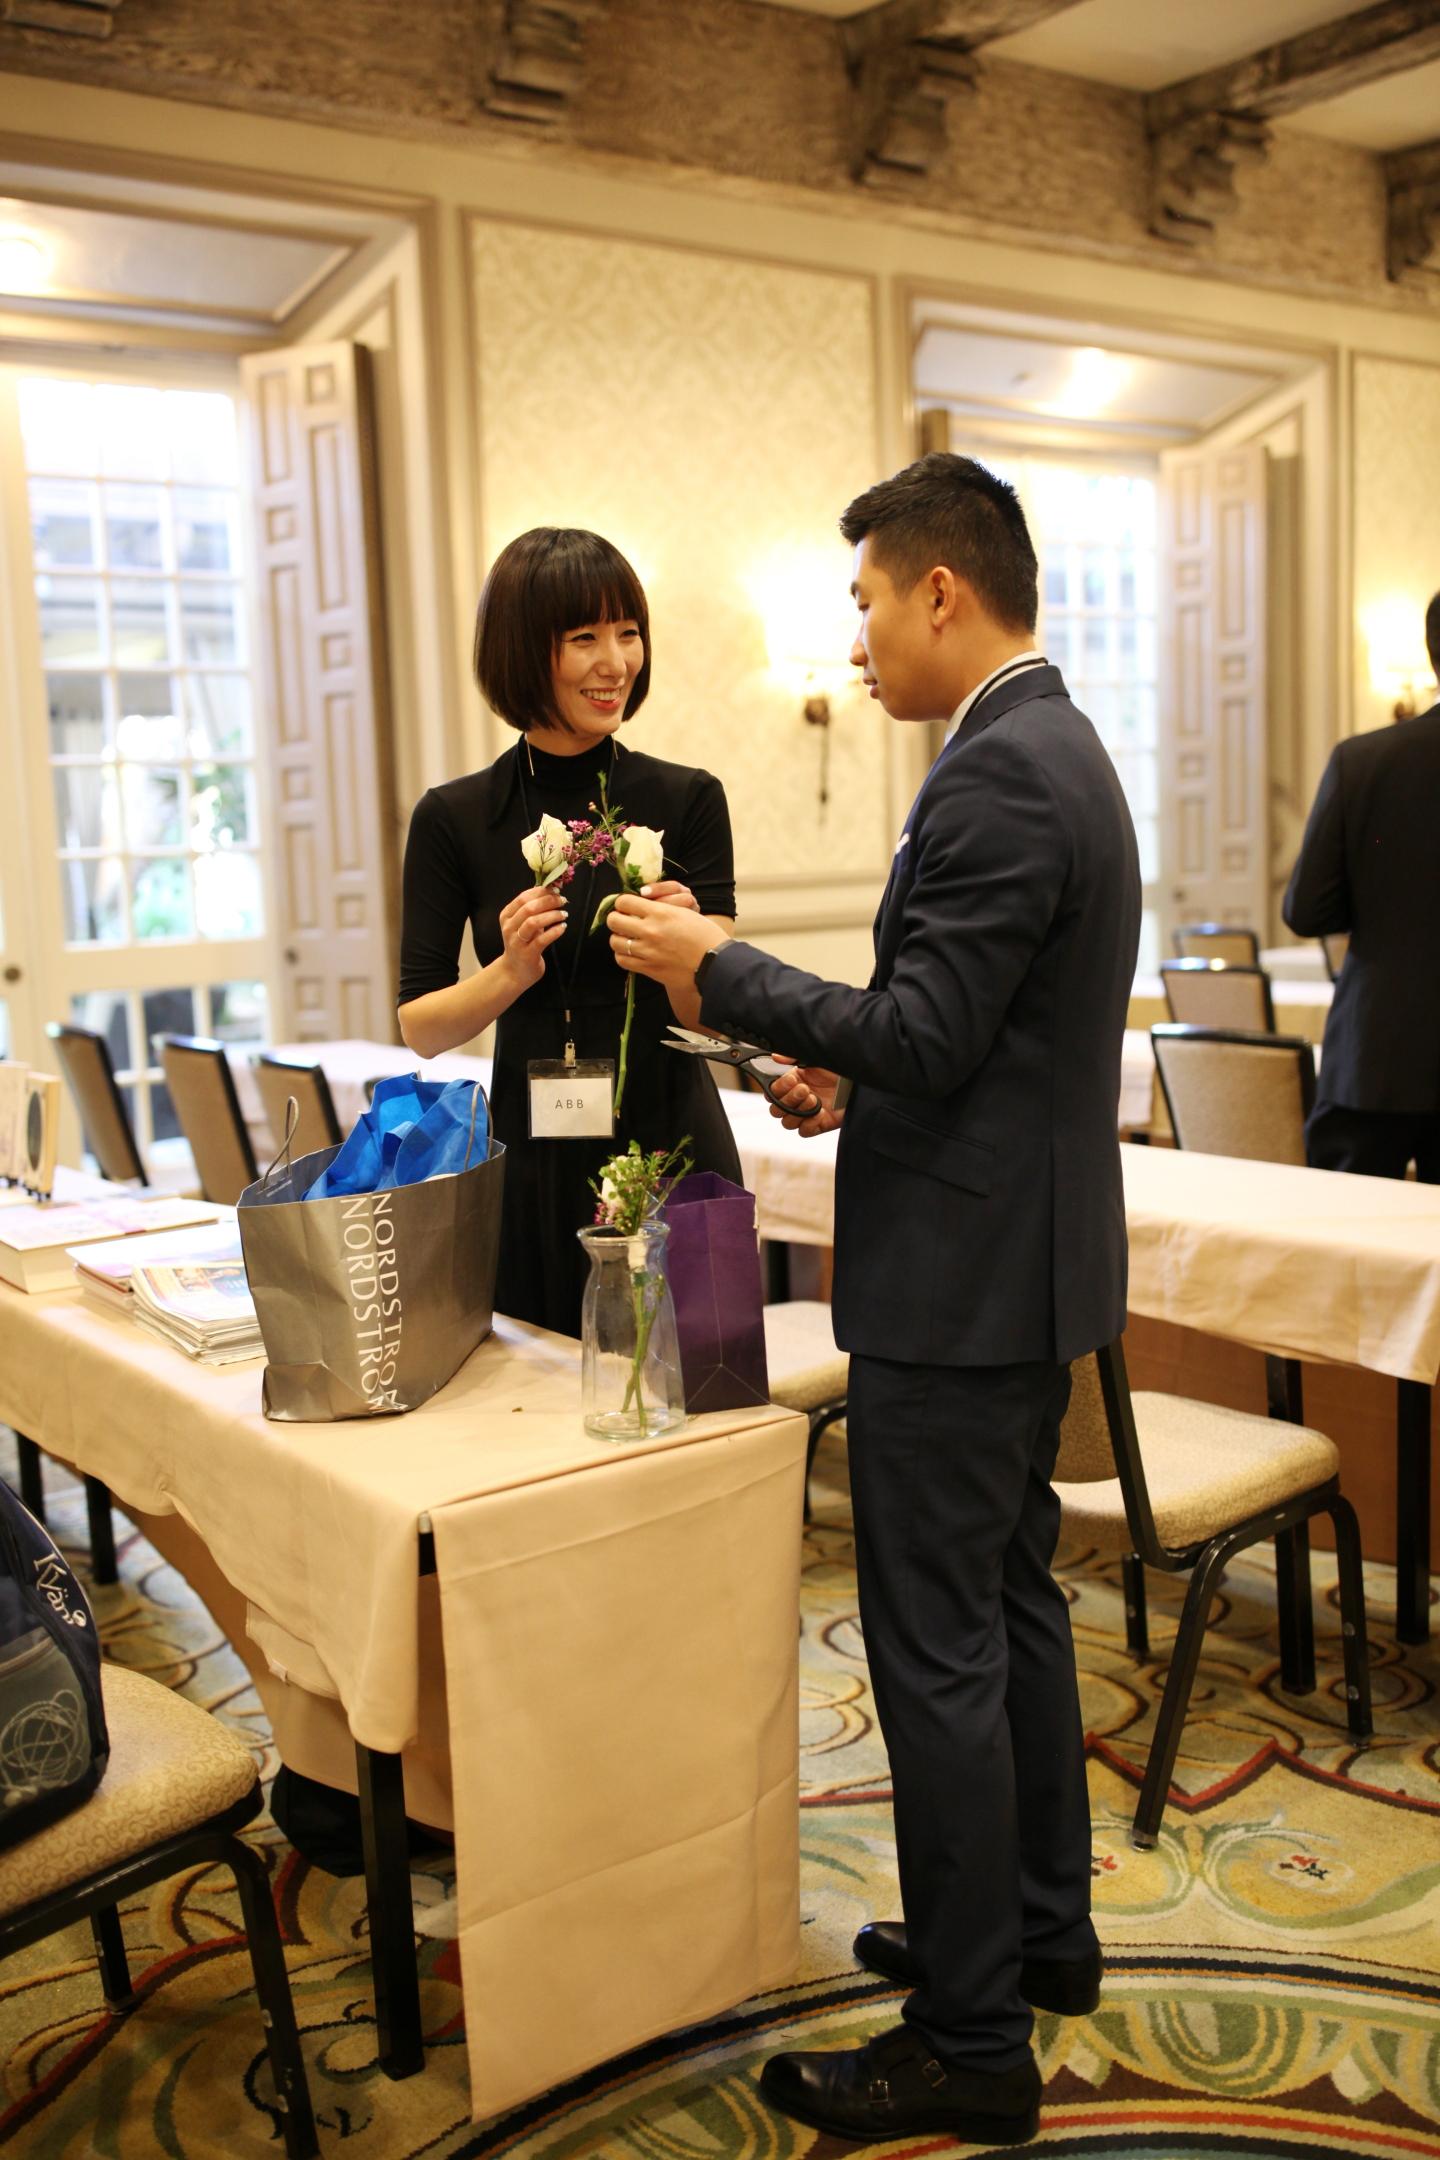 节冰为理事会成员和接受SoFun媒体采访的人员佩戴胸花